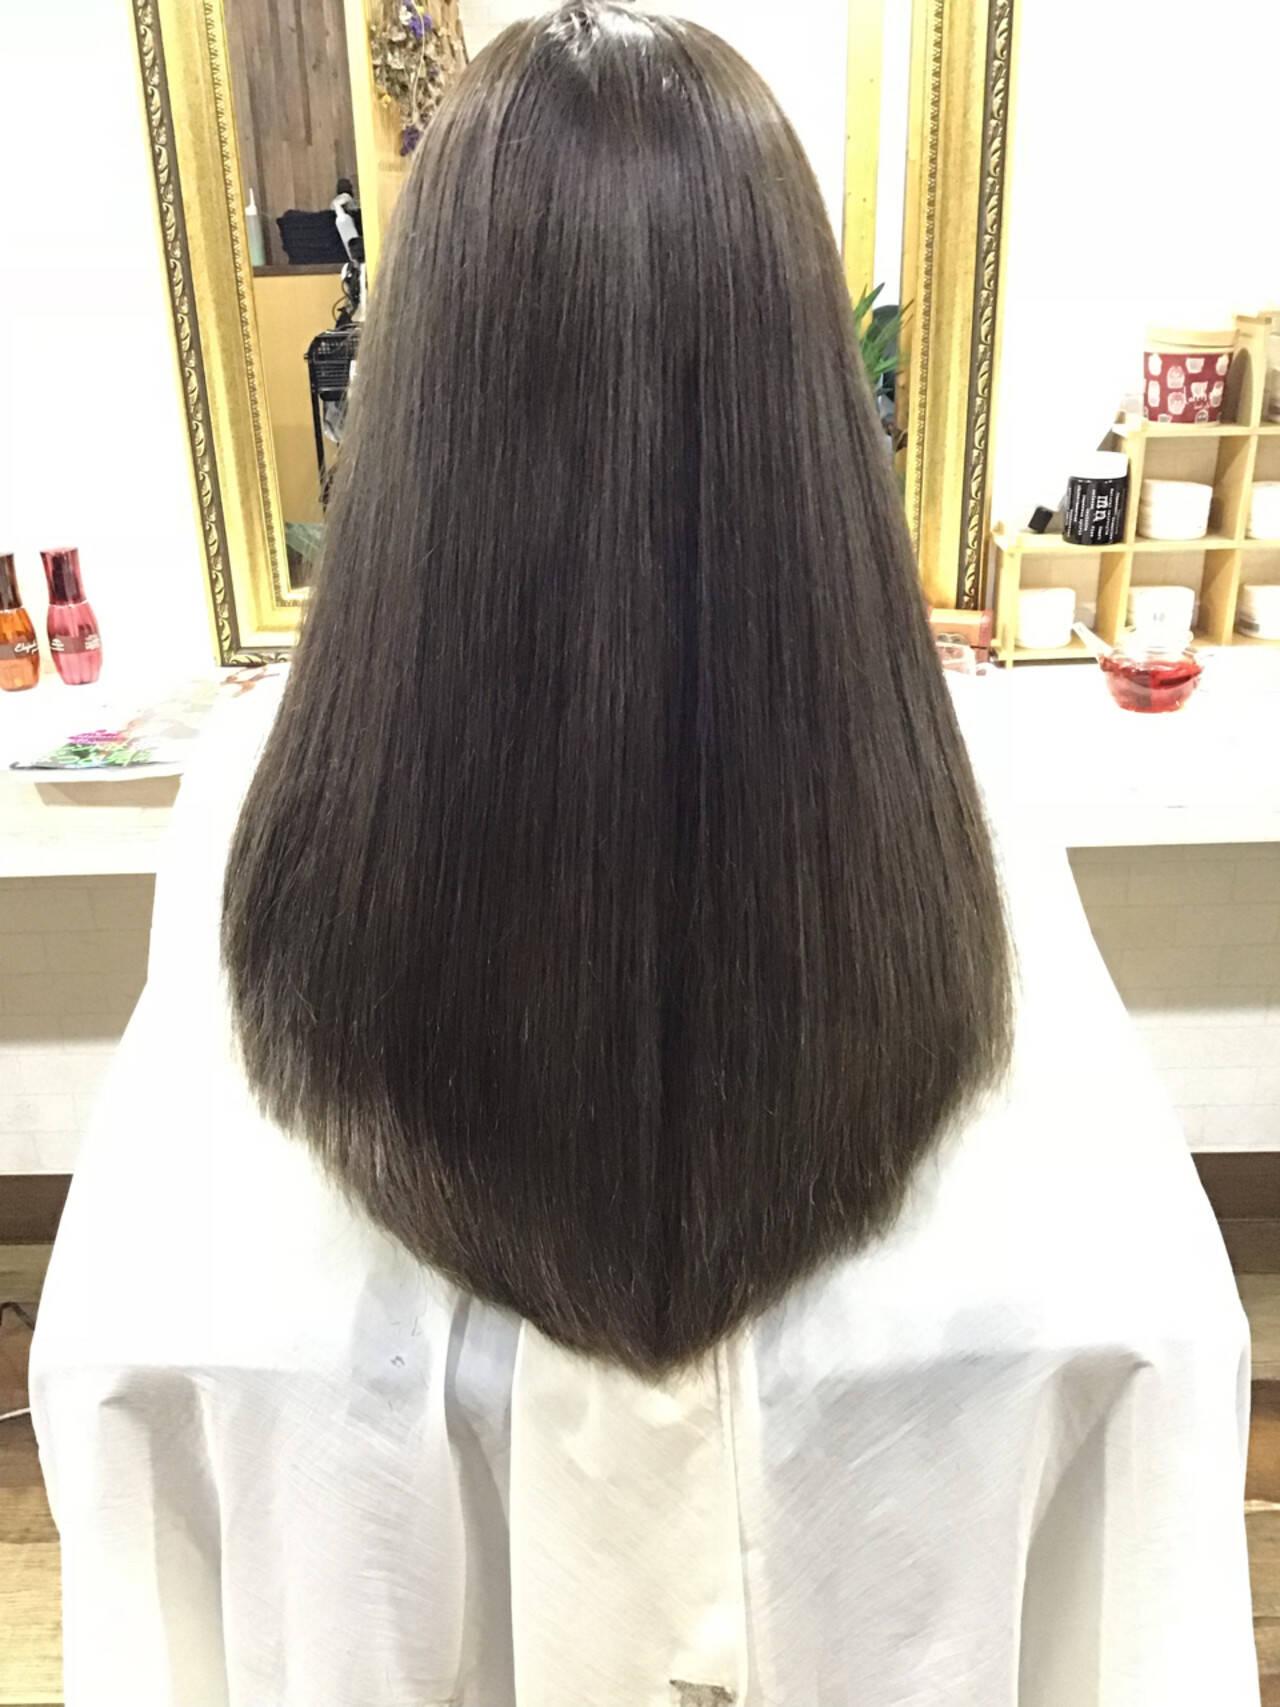 ナチュラル ストレート ロングヘアスタイルや髪型の写真・画像